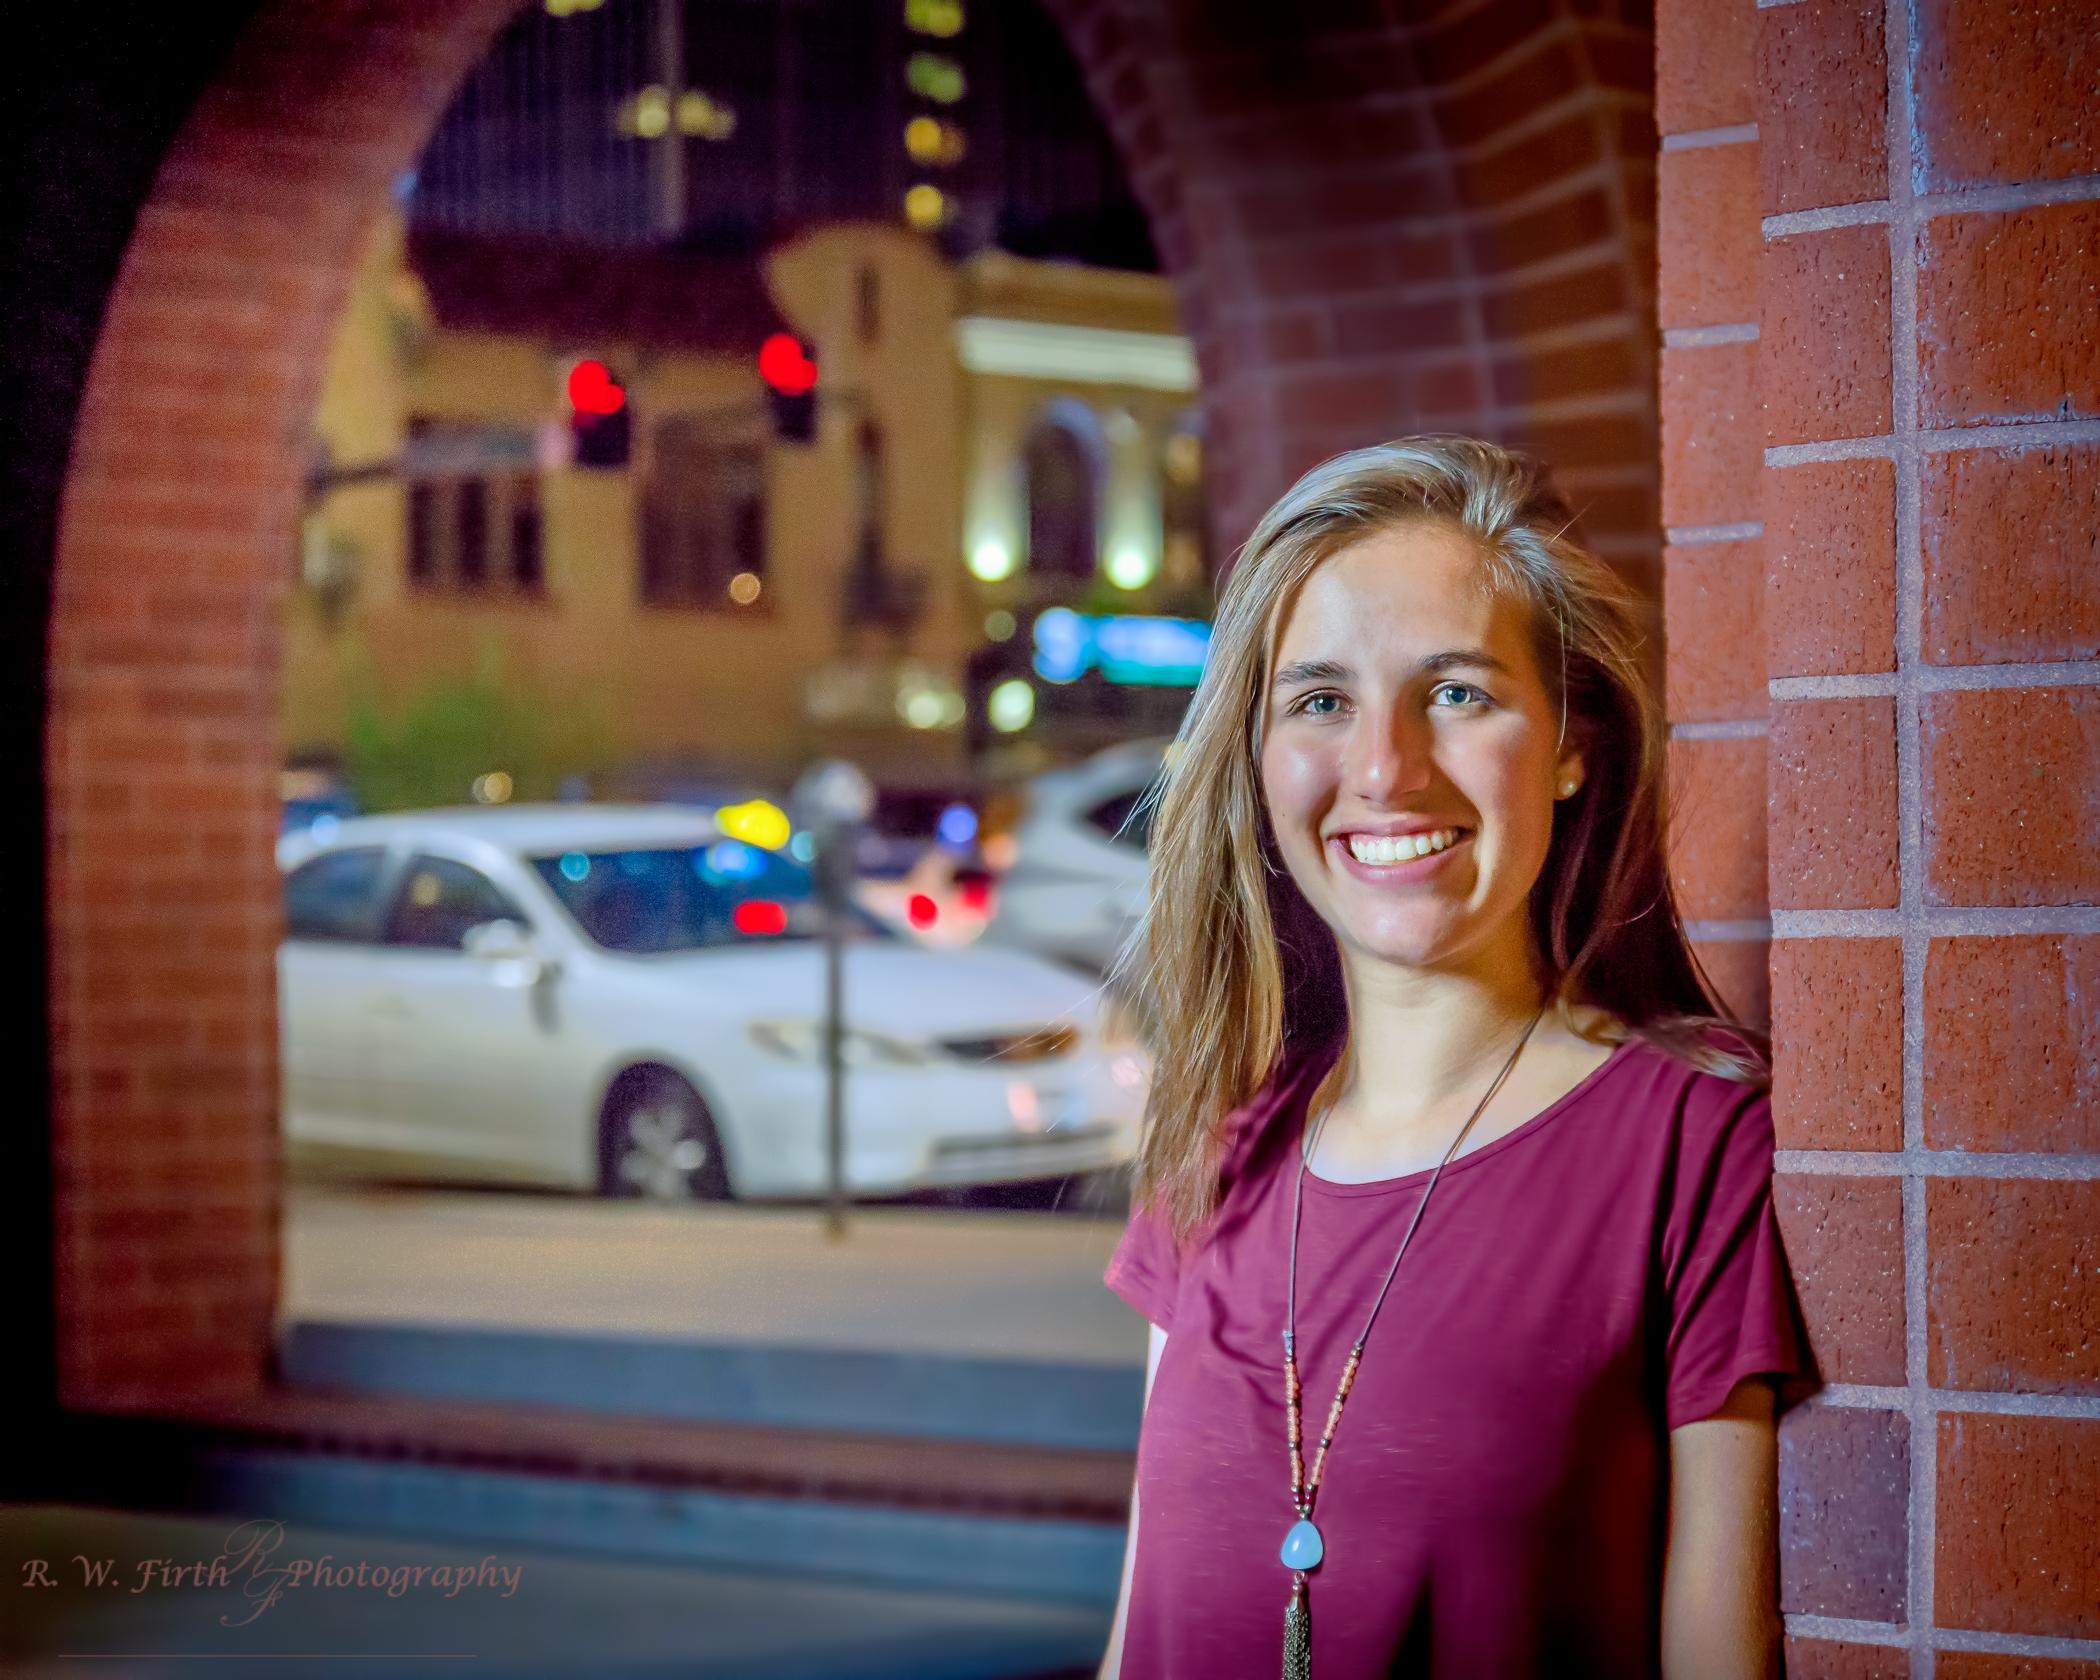 Rachel H., Palmer High School, Class of 2018